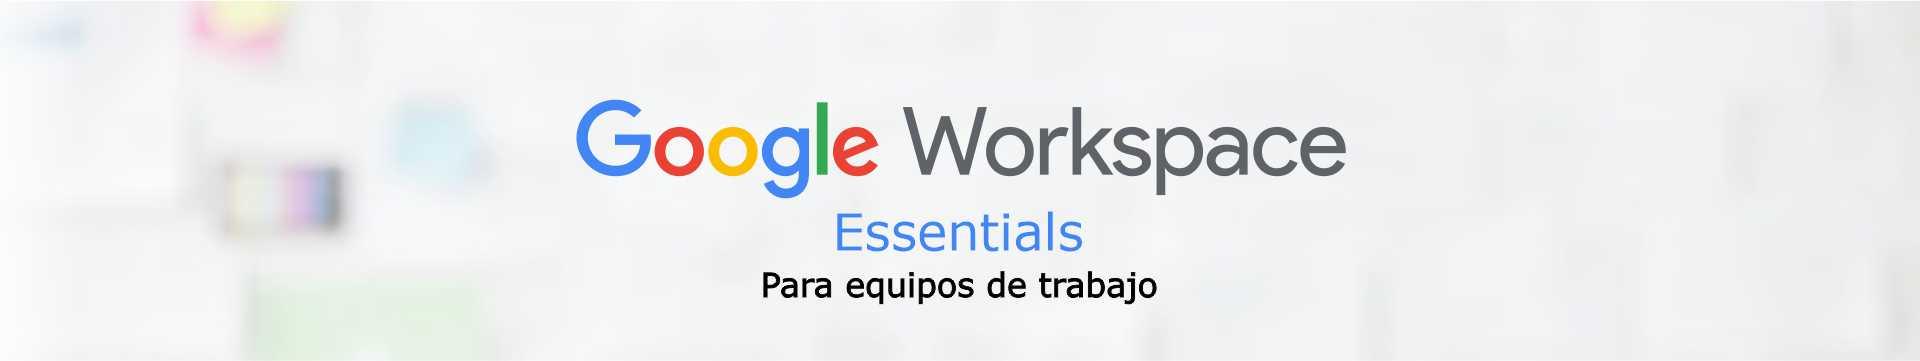 Google Workspace Essentials 100GB